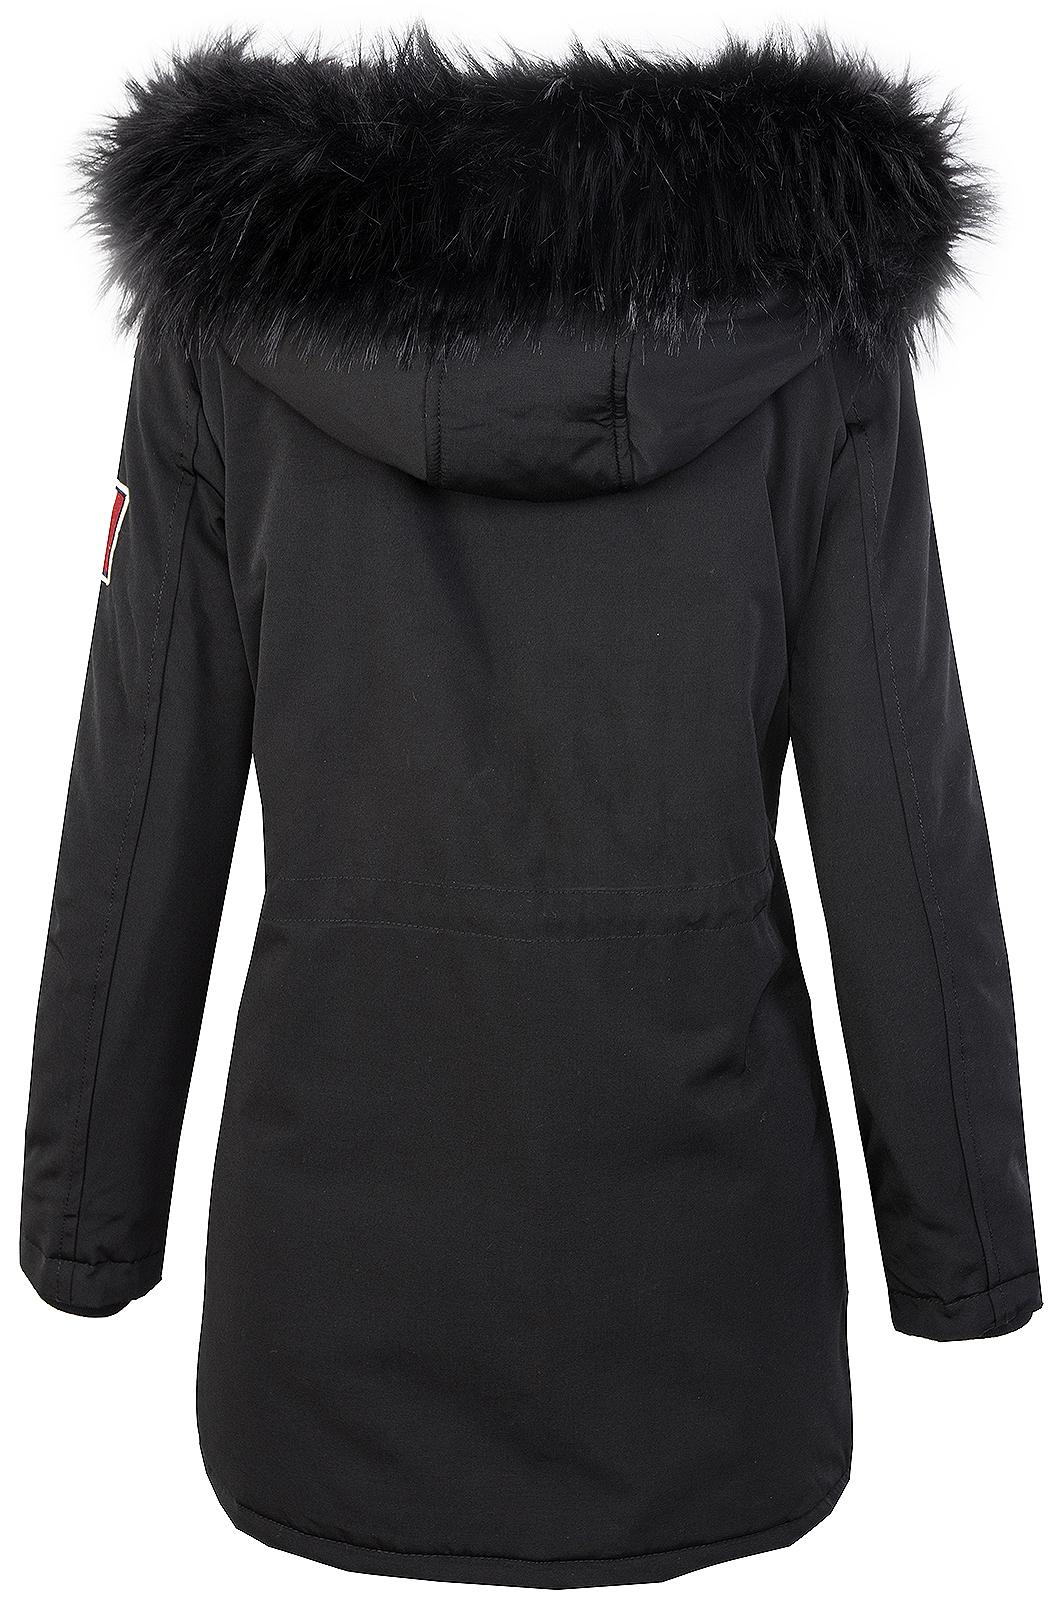 Damen Winterjacke Outdoor Jacke Schwarz Kunstfell-Kragen Mantel Damenjacke D-346